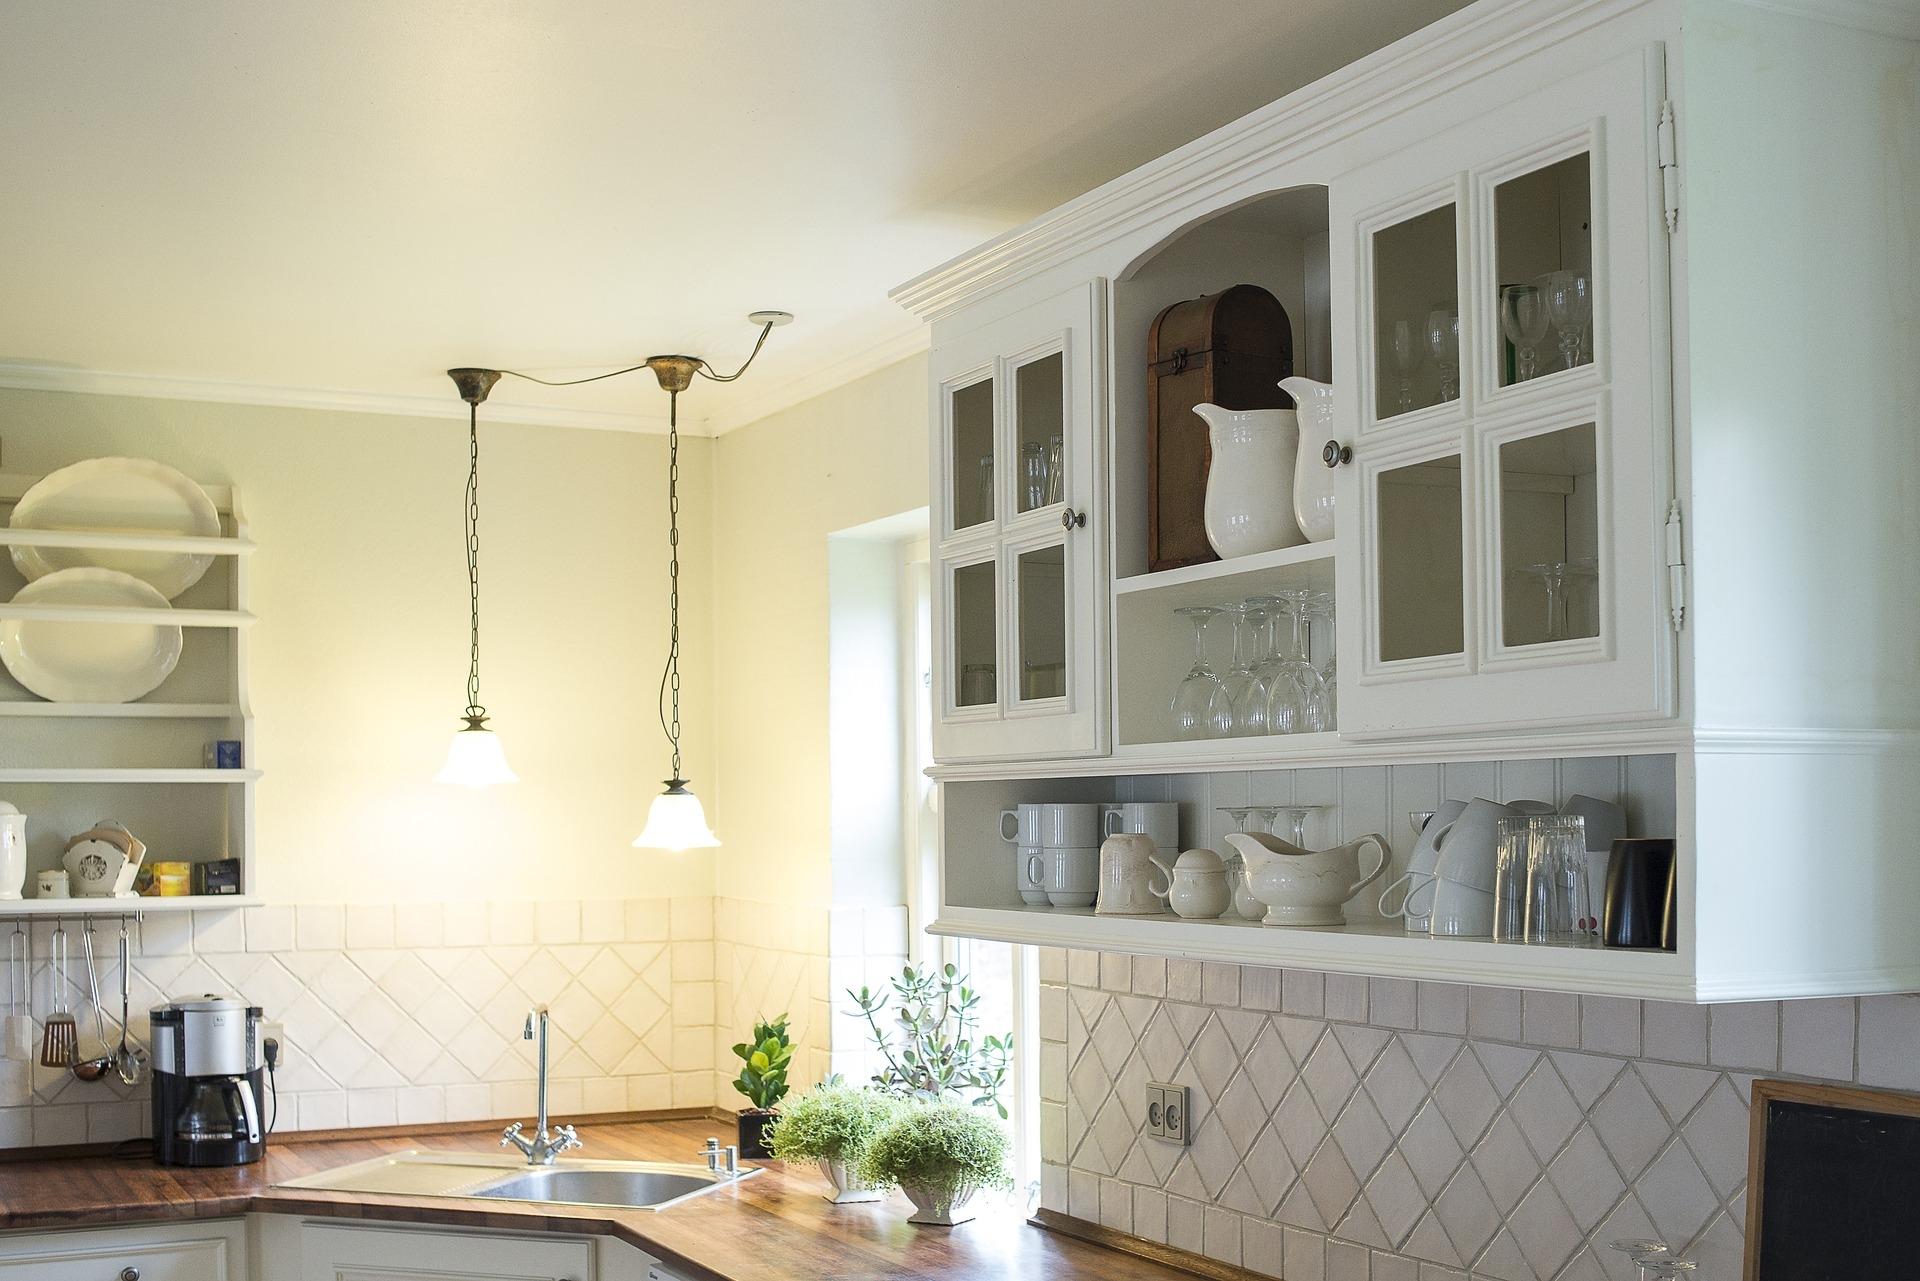 Hängende Vitrine mit Porzellan in der Küche